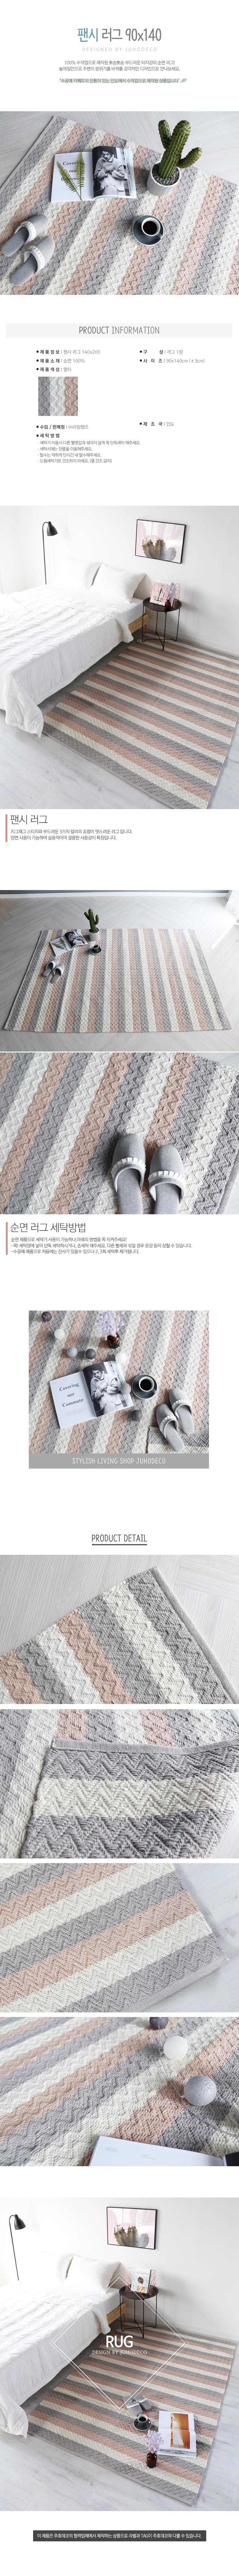 팬시A 러그(90x140cm) - 주호데코, 39,600원, 디자인러그, 디자인러그